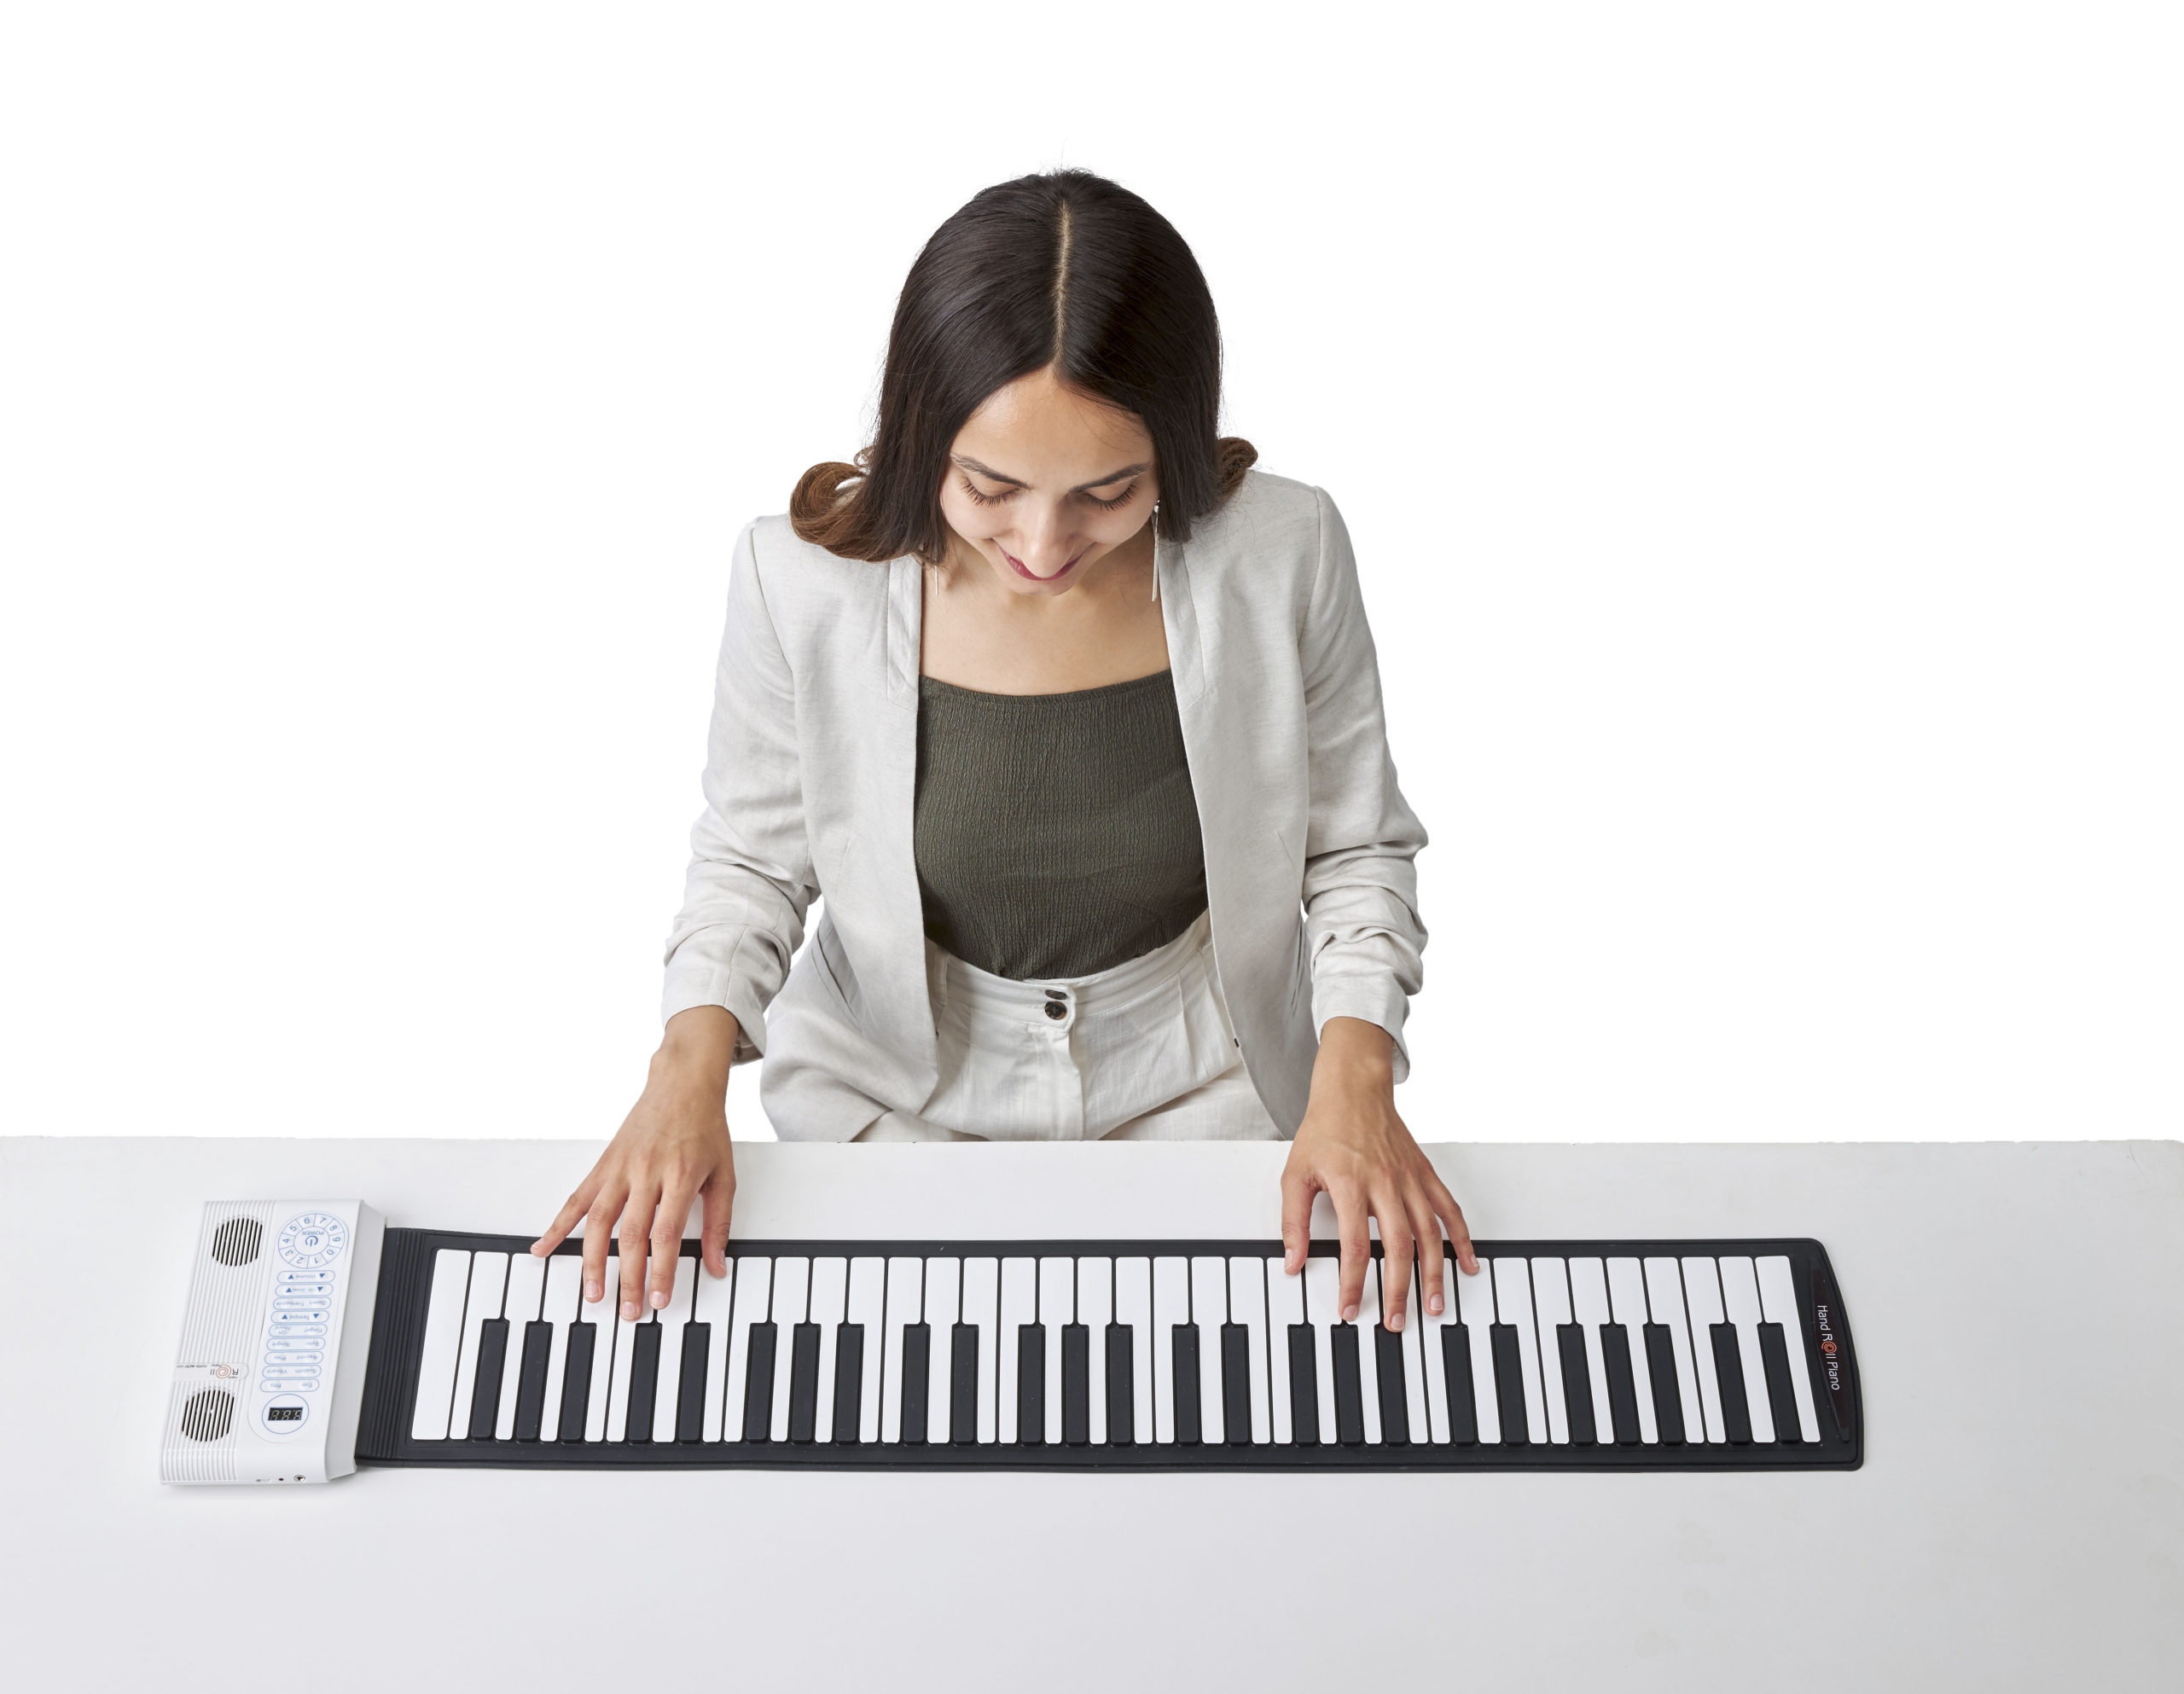 ハンドロールピアノ・グランディア/HRP-61K/88K